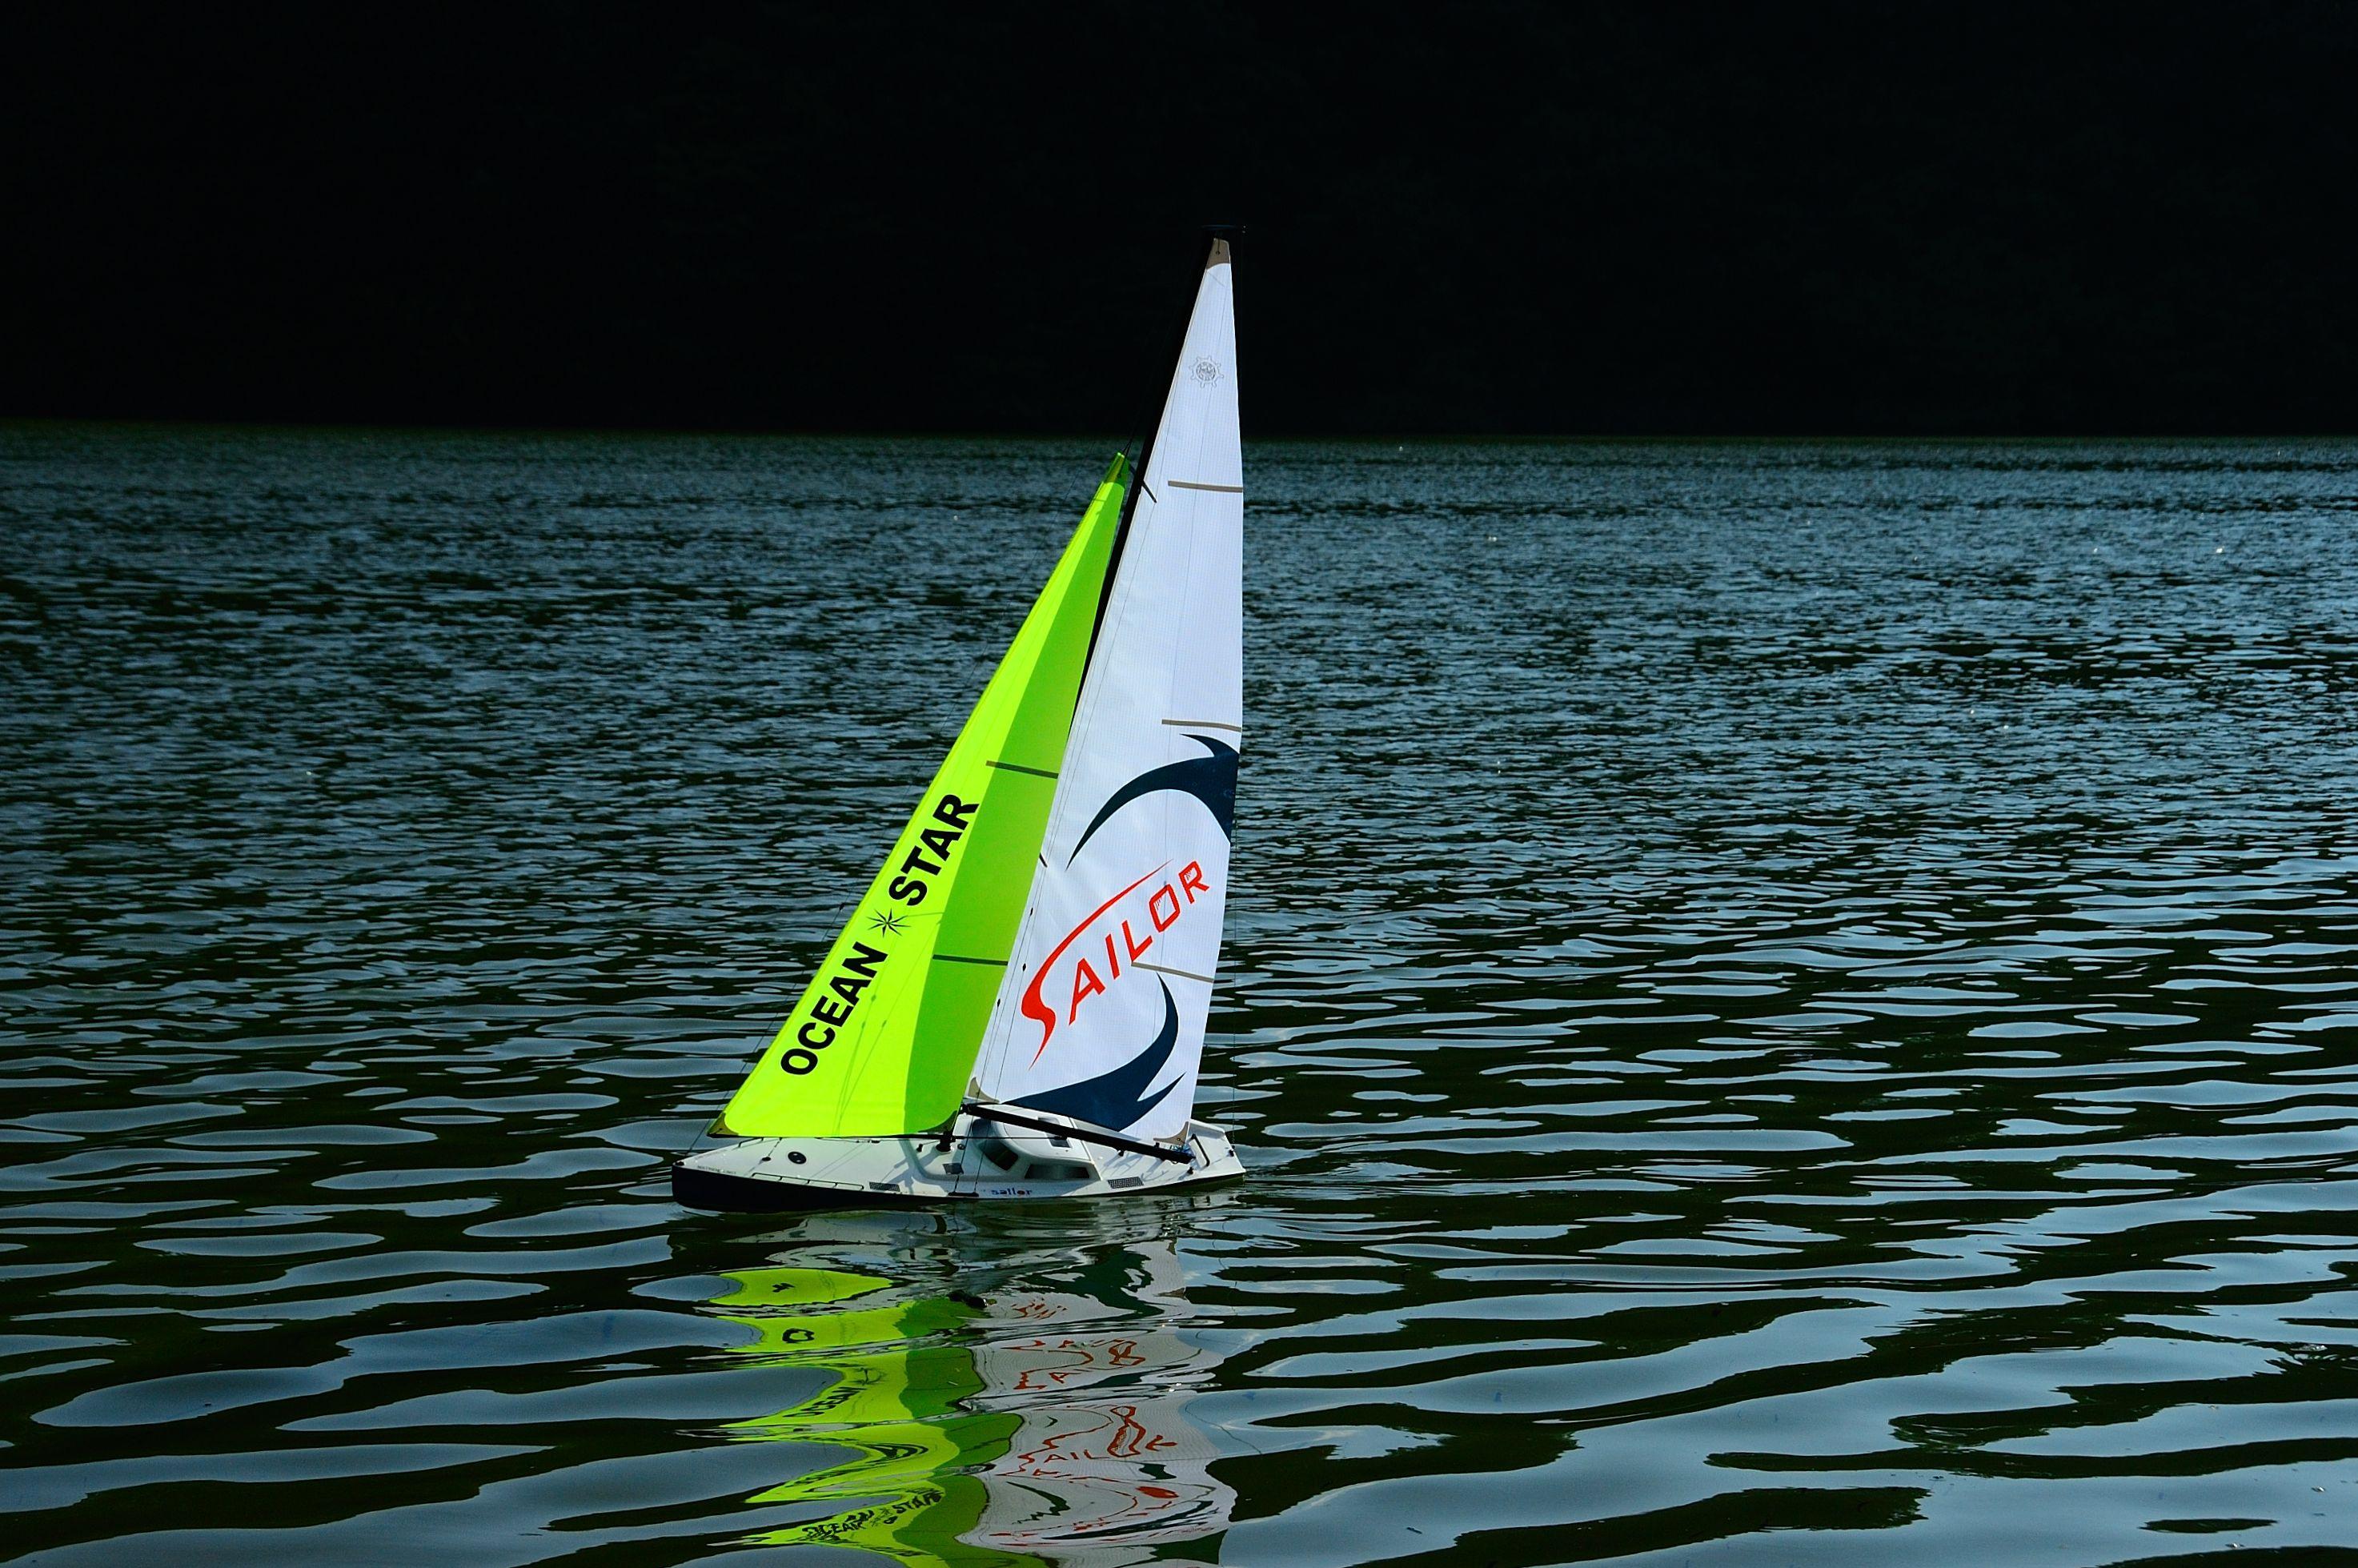 RC Ocean Going Racing Yacht 2 2m